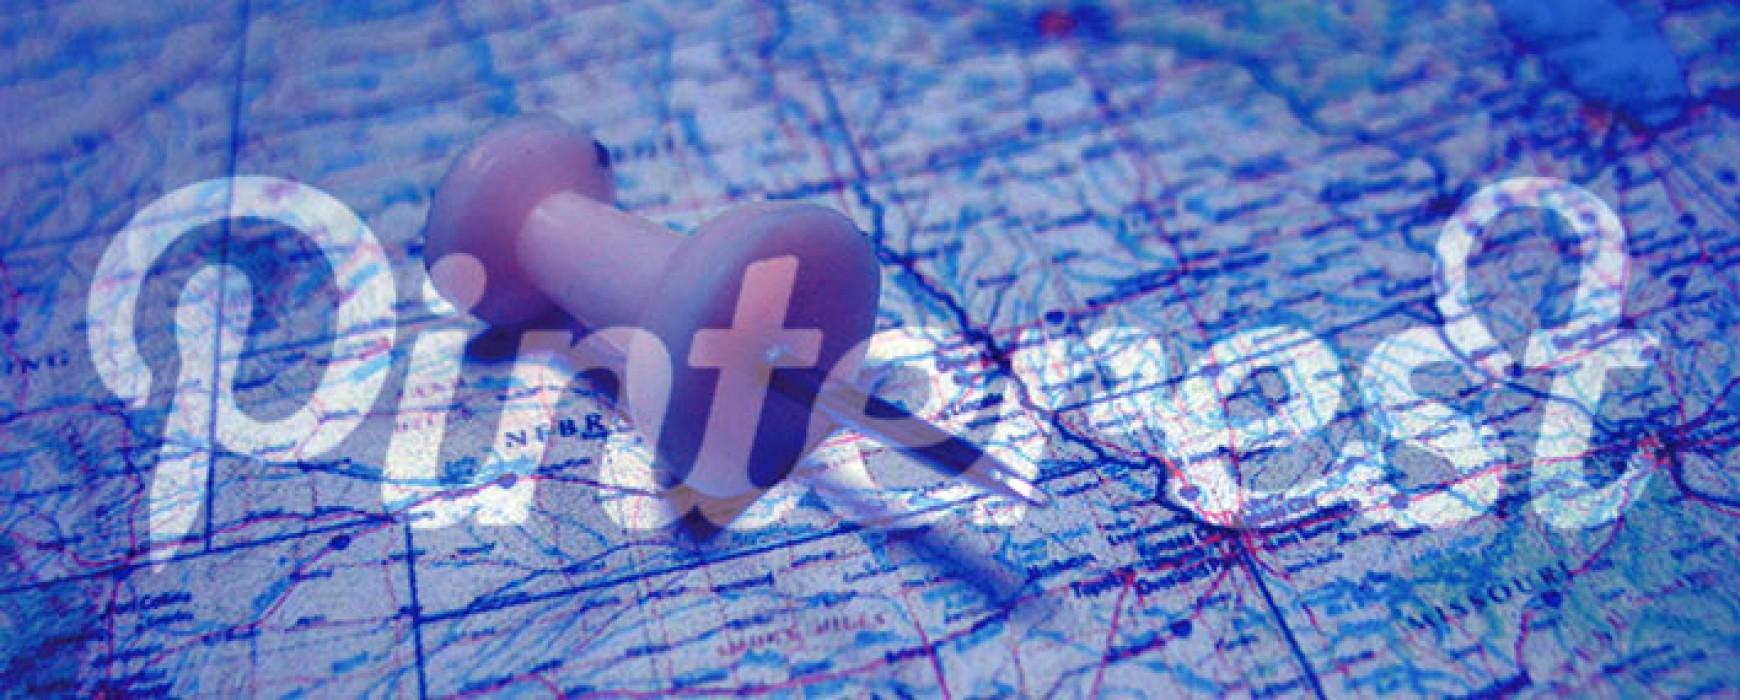 SEO en Pinterest: Branding y Posicionamiento Web.